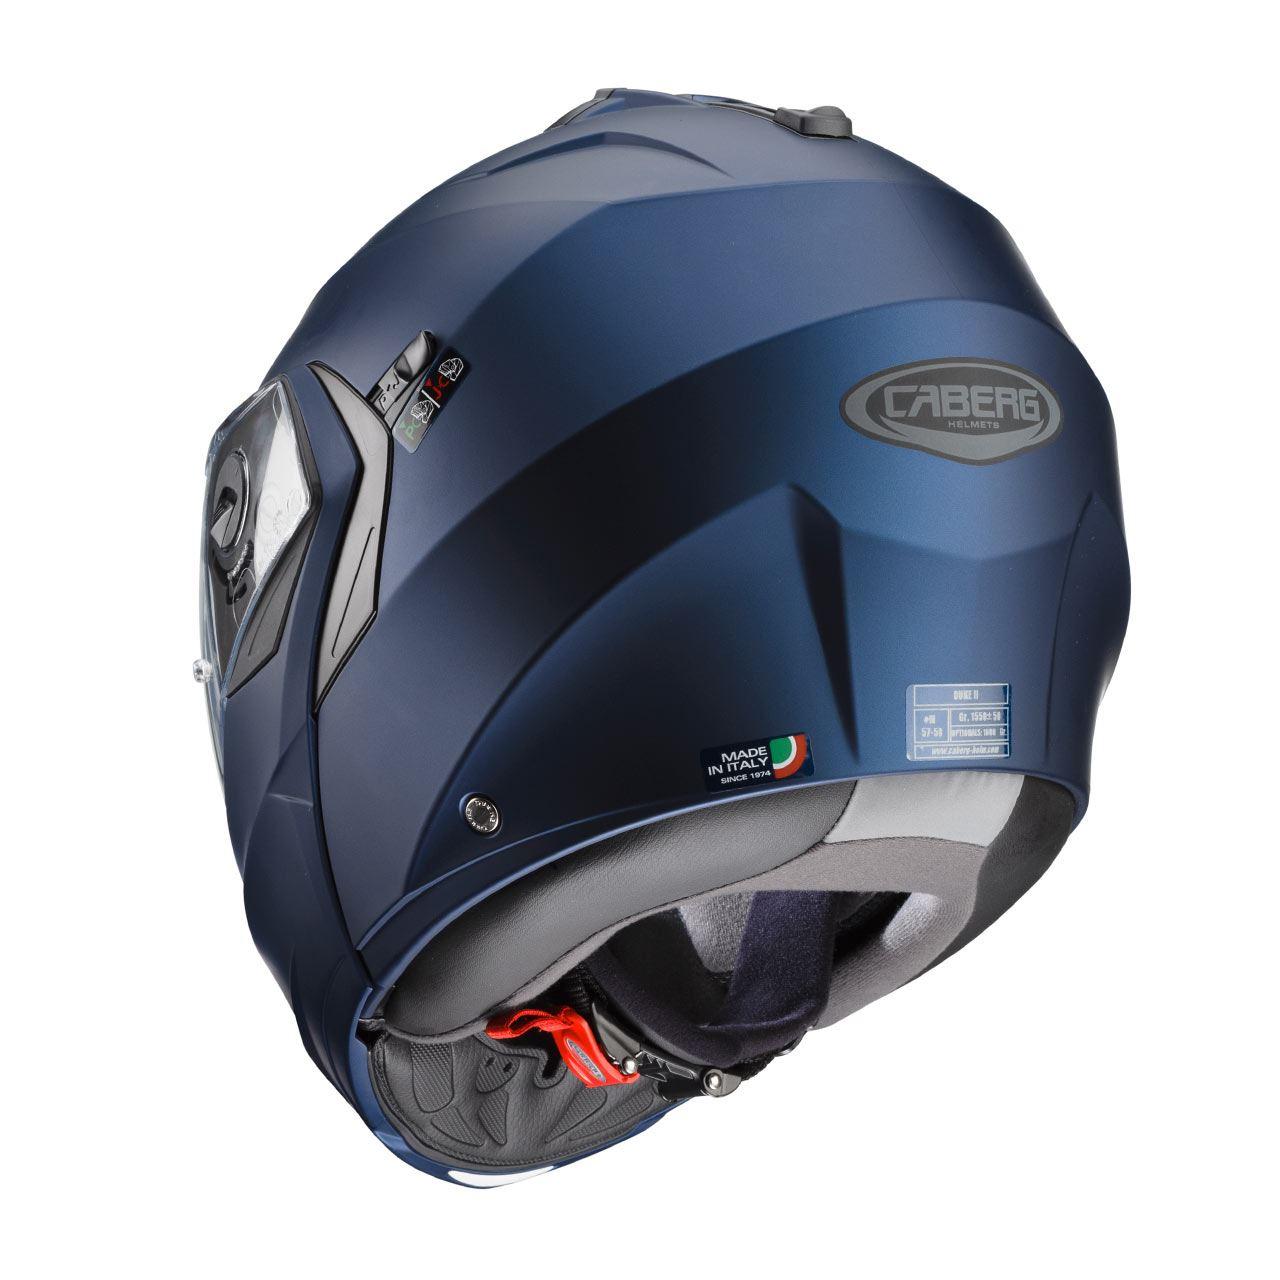 Caberg-Duke-II-Flip-Front-Motorcycle-Helmet-Modular-Bike-Sun-Visor-amp-Pinlock thumbnail 21